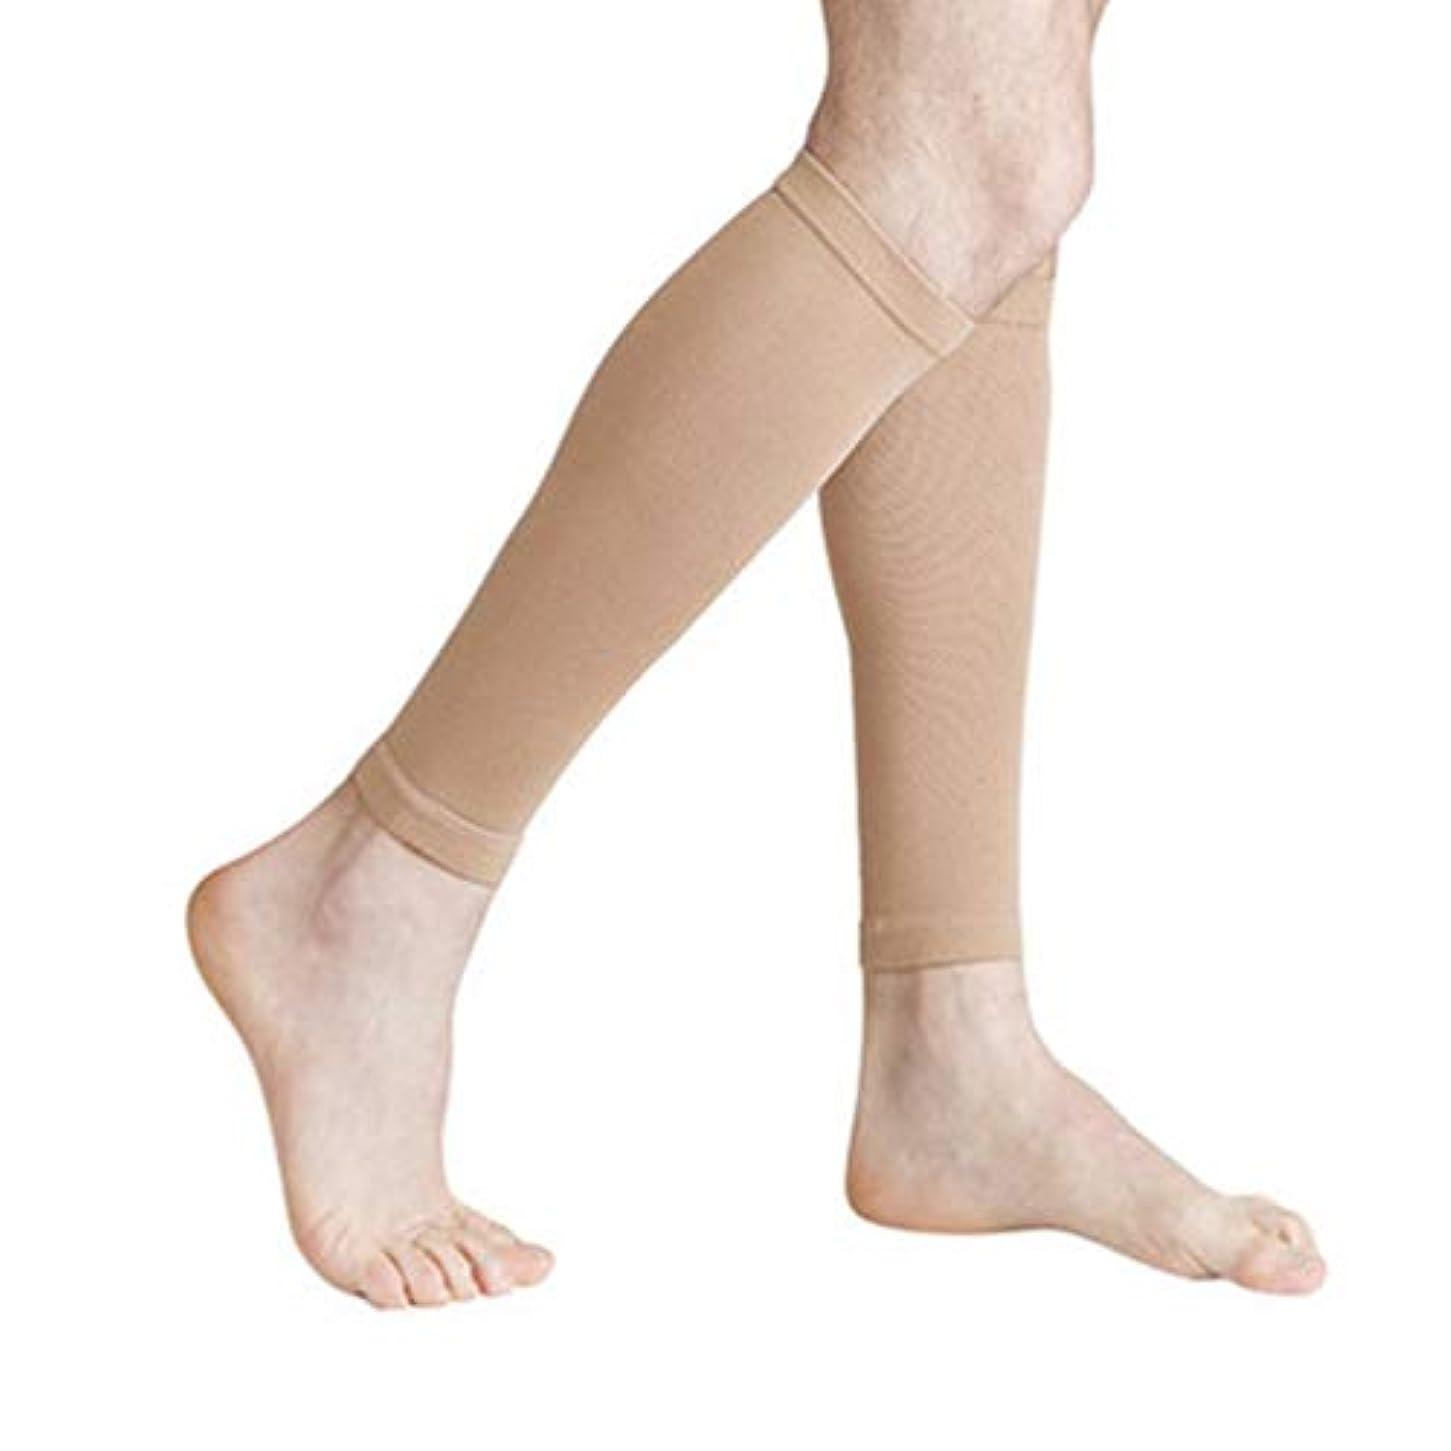 品揃え結婚する変化する丈夫な男性女性プロの圧縮靴下通気性のある旅行活動看護師用シントスプリントフライトトラベル - 肌色